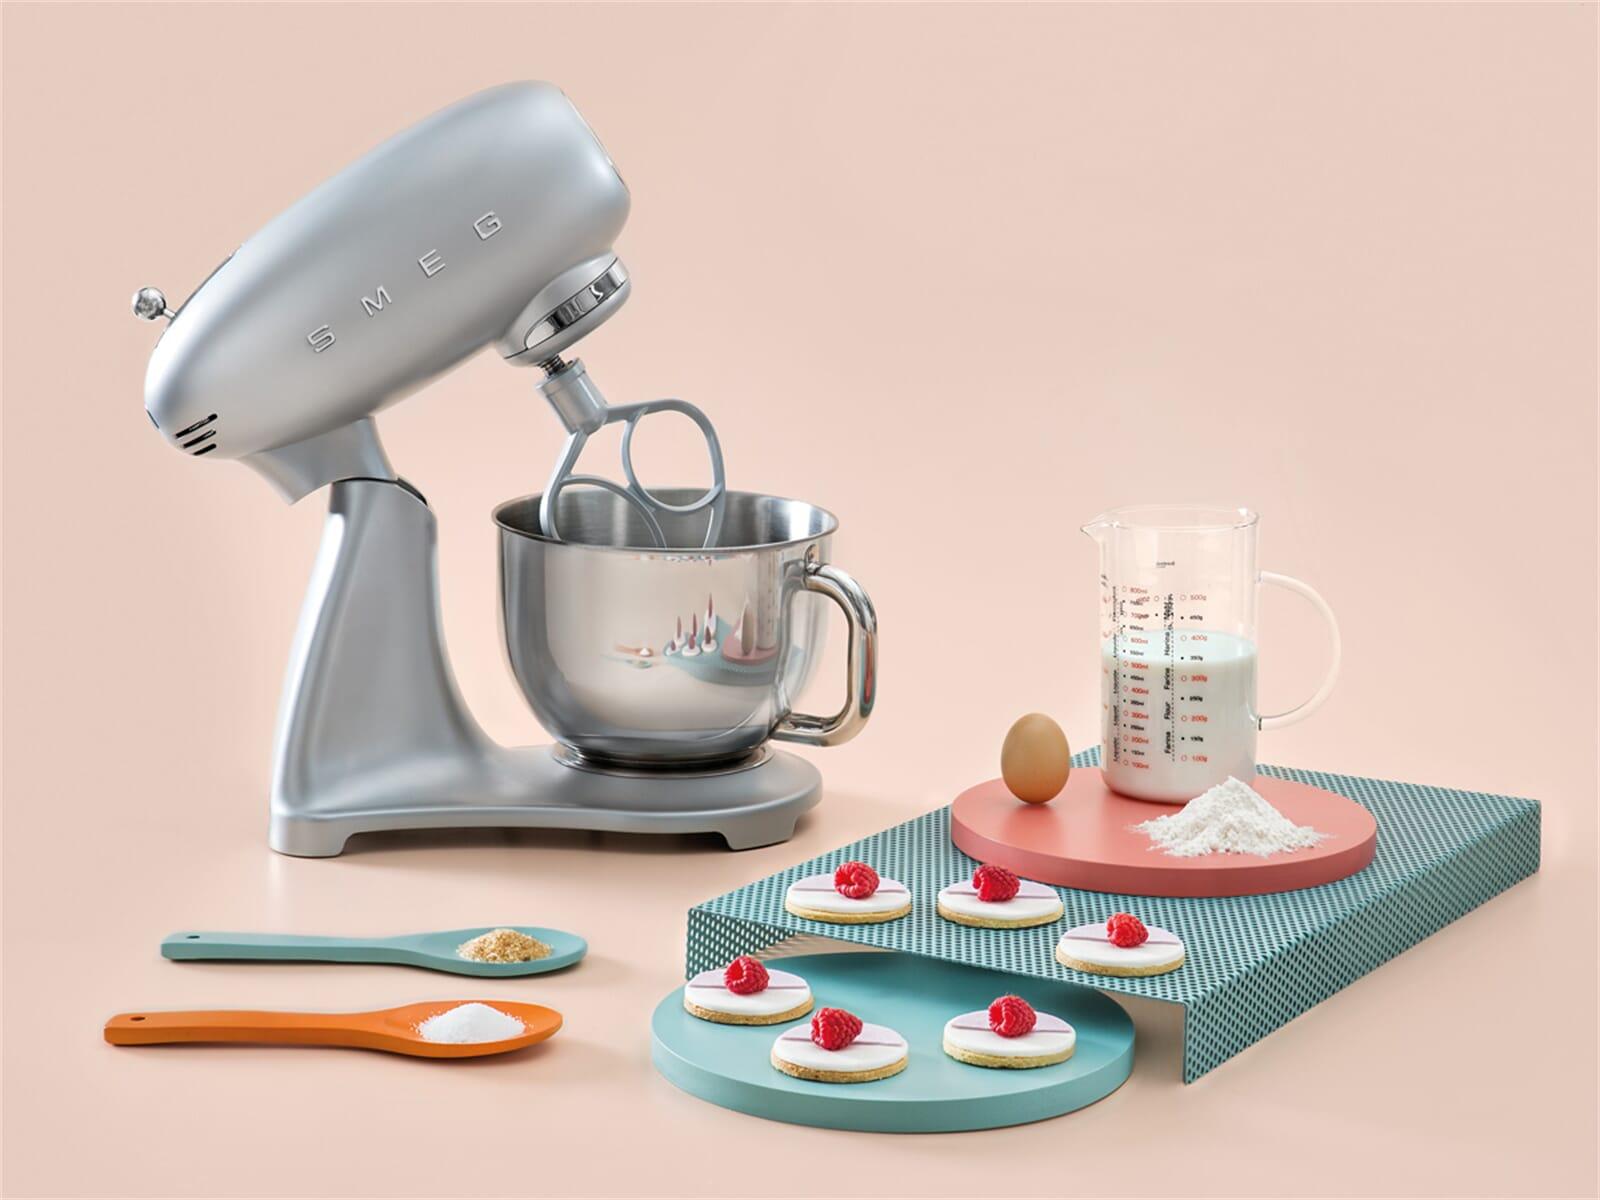 Smeg Küchenmaschine Zubehör : smeg smf01sveu k chenmaschine polarsilber metallic ~ Frokenaadalensverden.com Haus und Dekorationen